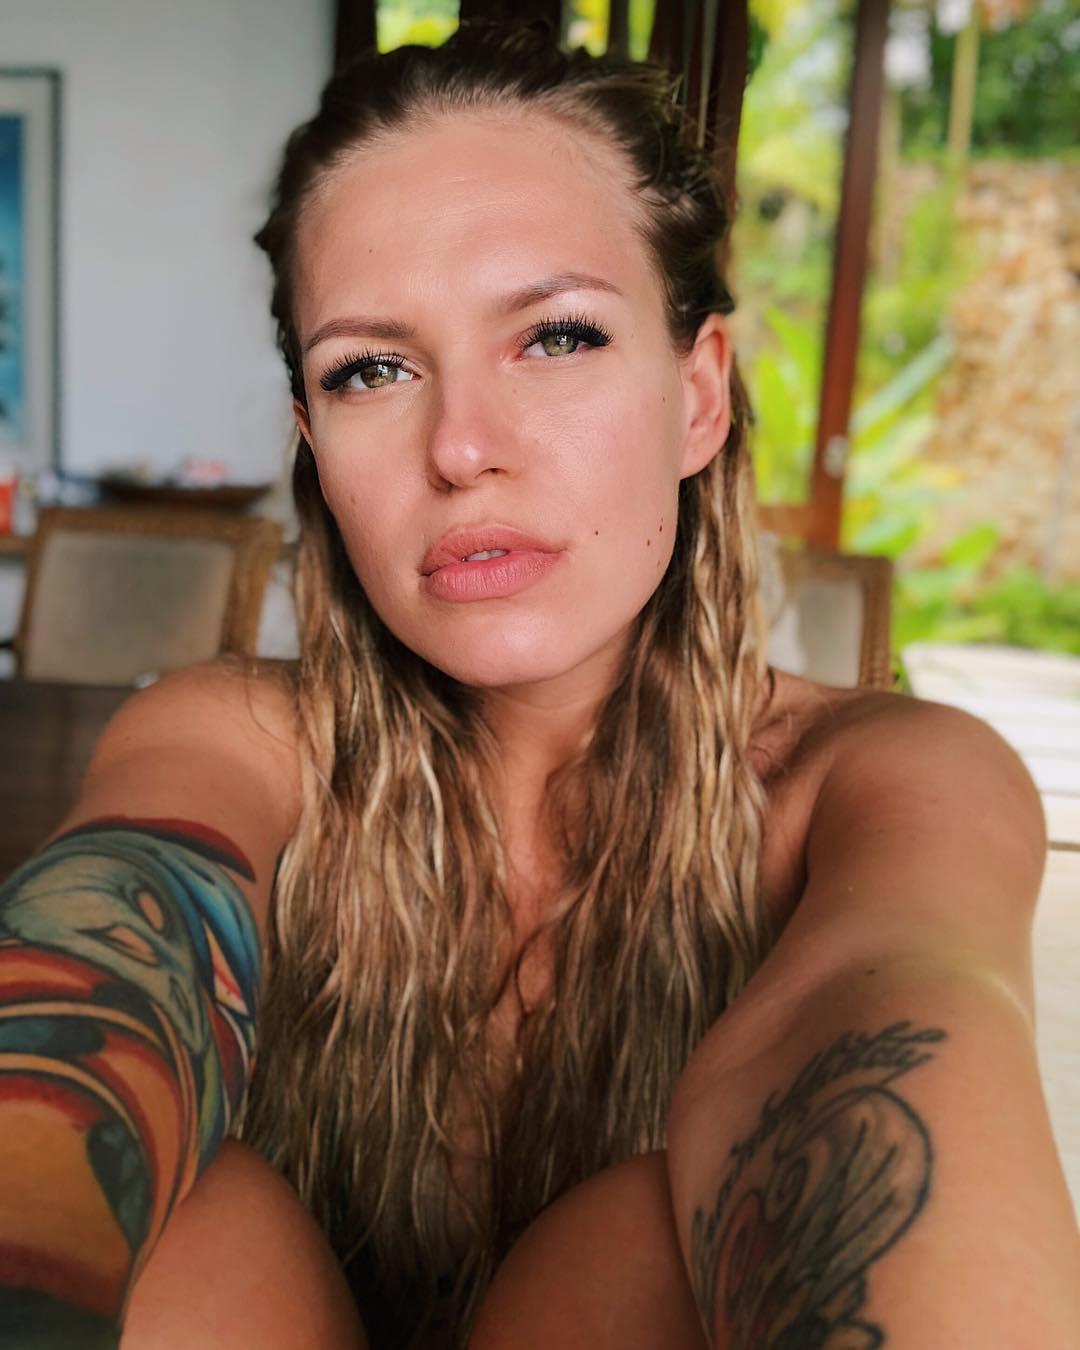 Рита Дакота: Вы так часто спрашиваете меня про то, что я брала с собой на остров из косметики и чем я тут пользуюсь каждый день. Вот и ответ (максимально честно подкреплённый утренним селфи с покусанным комарами левым глазом )- пользуюсь я тут НИЧЕМ))) Волосы ...